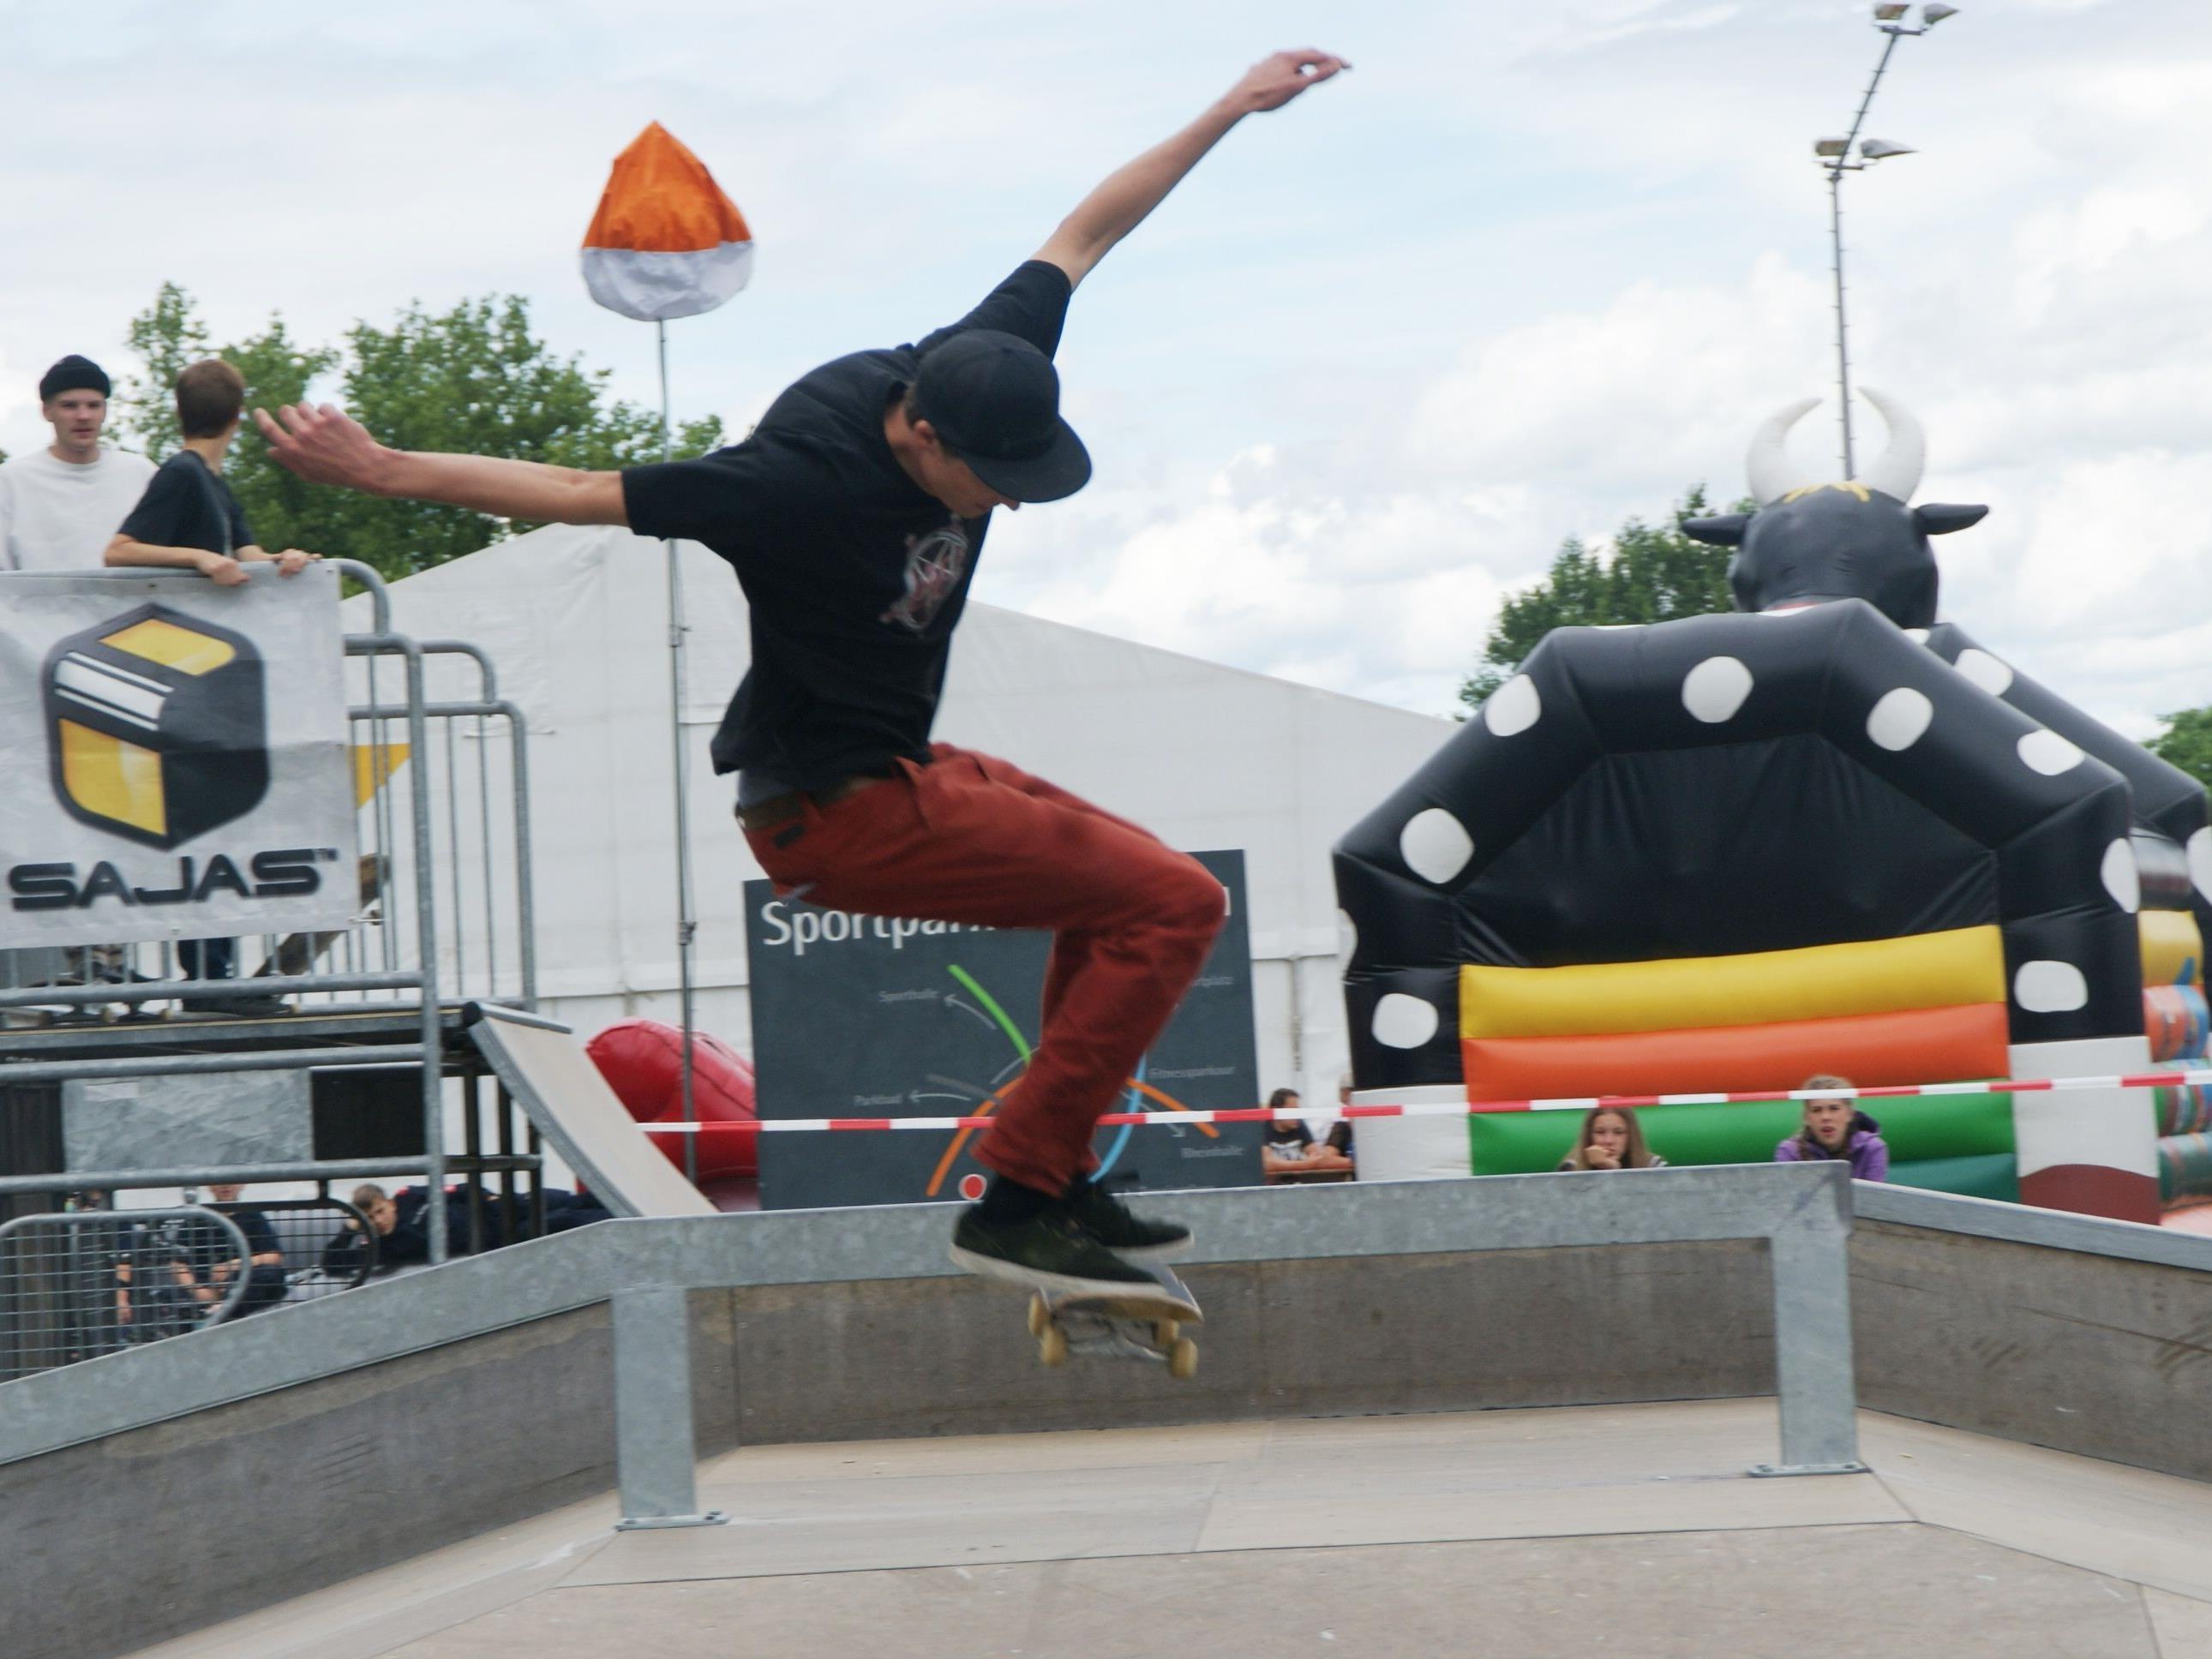 Waghalsige Stunts begeisterten das Publikum beim Skater-Contest